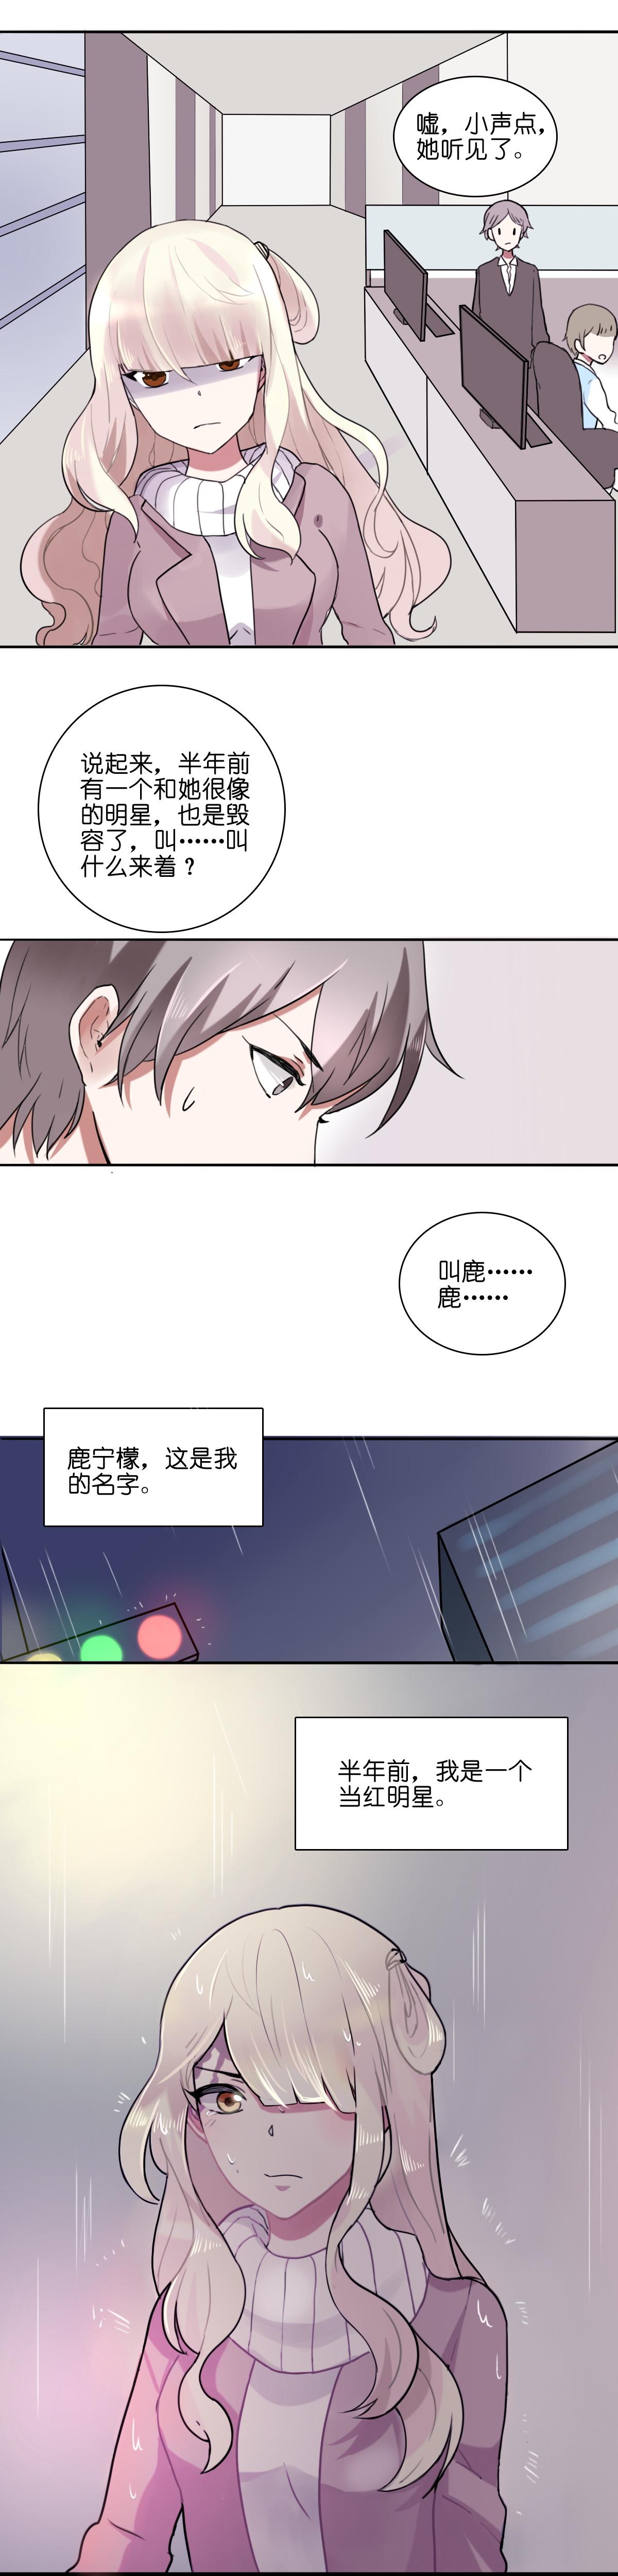 吾神万岁-漫画下拉式&完整版汉化_全集在线阅读-啵乐漫画